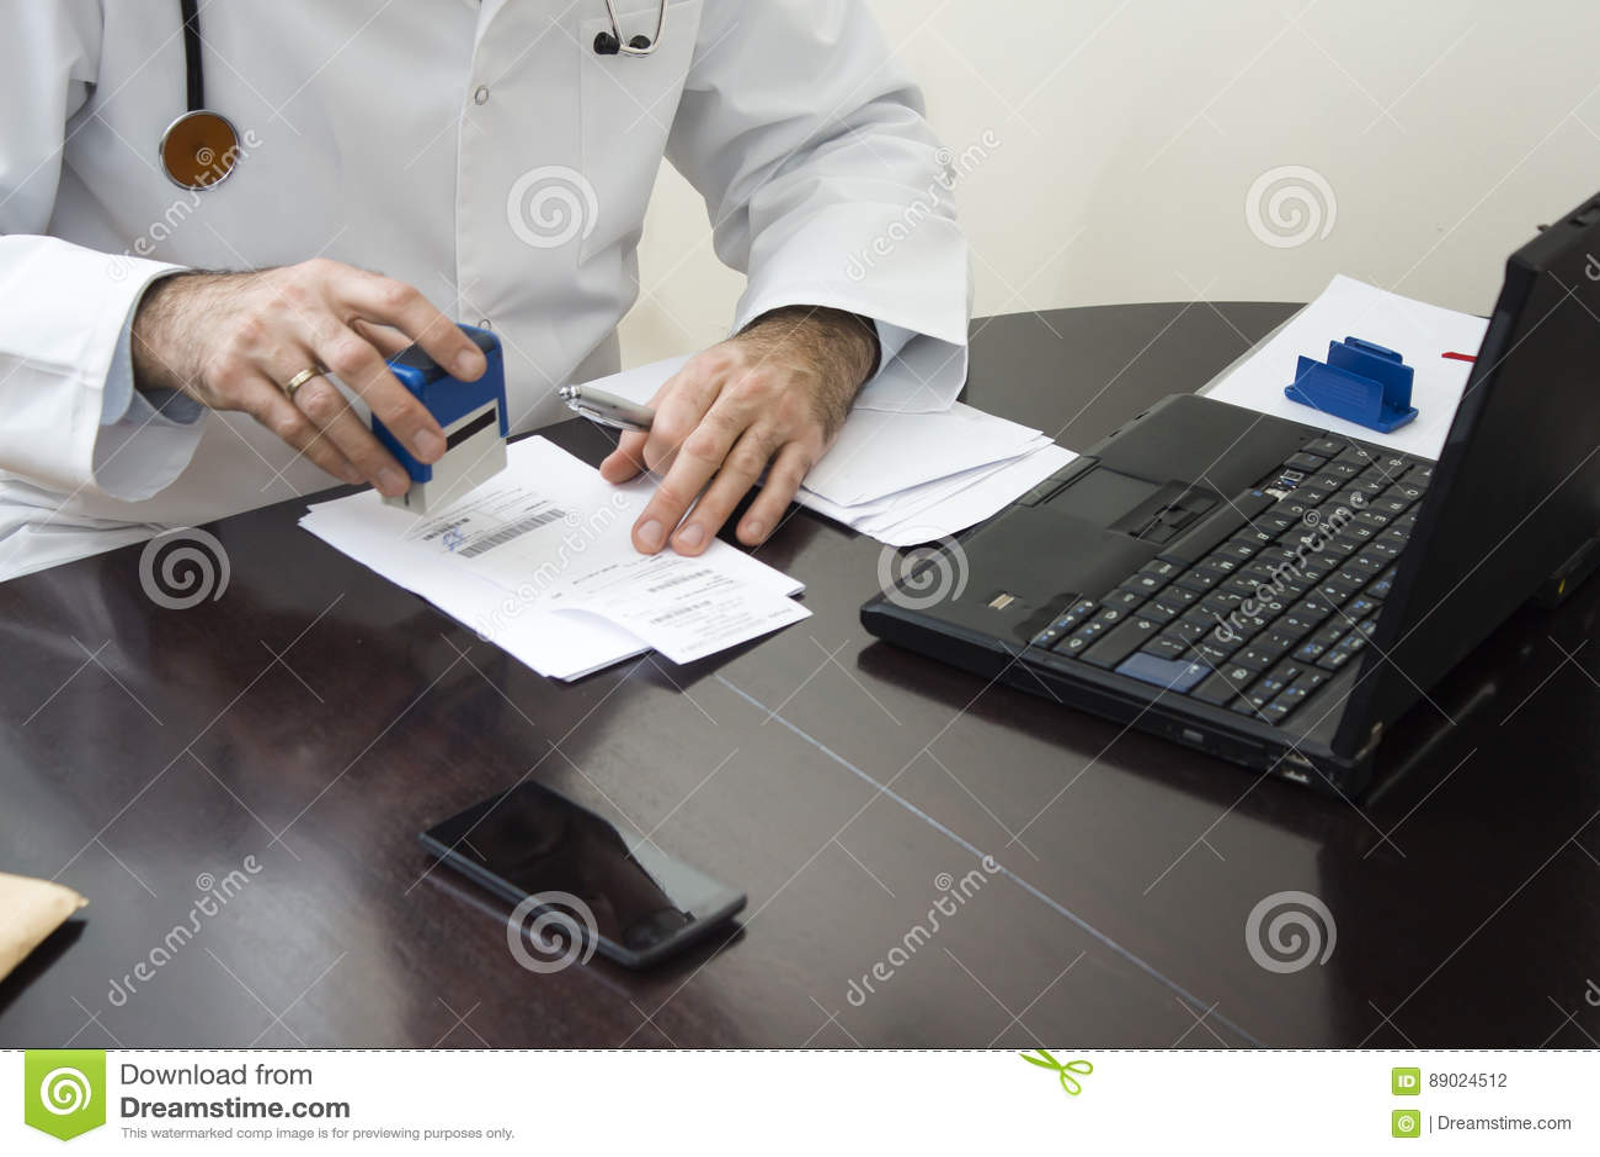 5bdef74e53576 Medique a mão do ` s carimbada na prescrição O doutor escreve uma  prescrição em sua